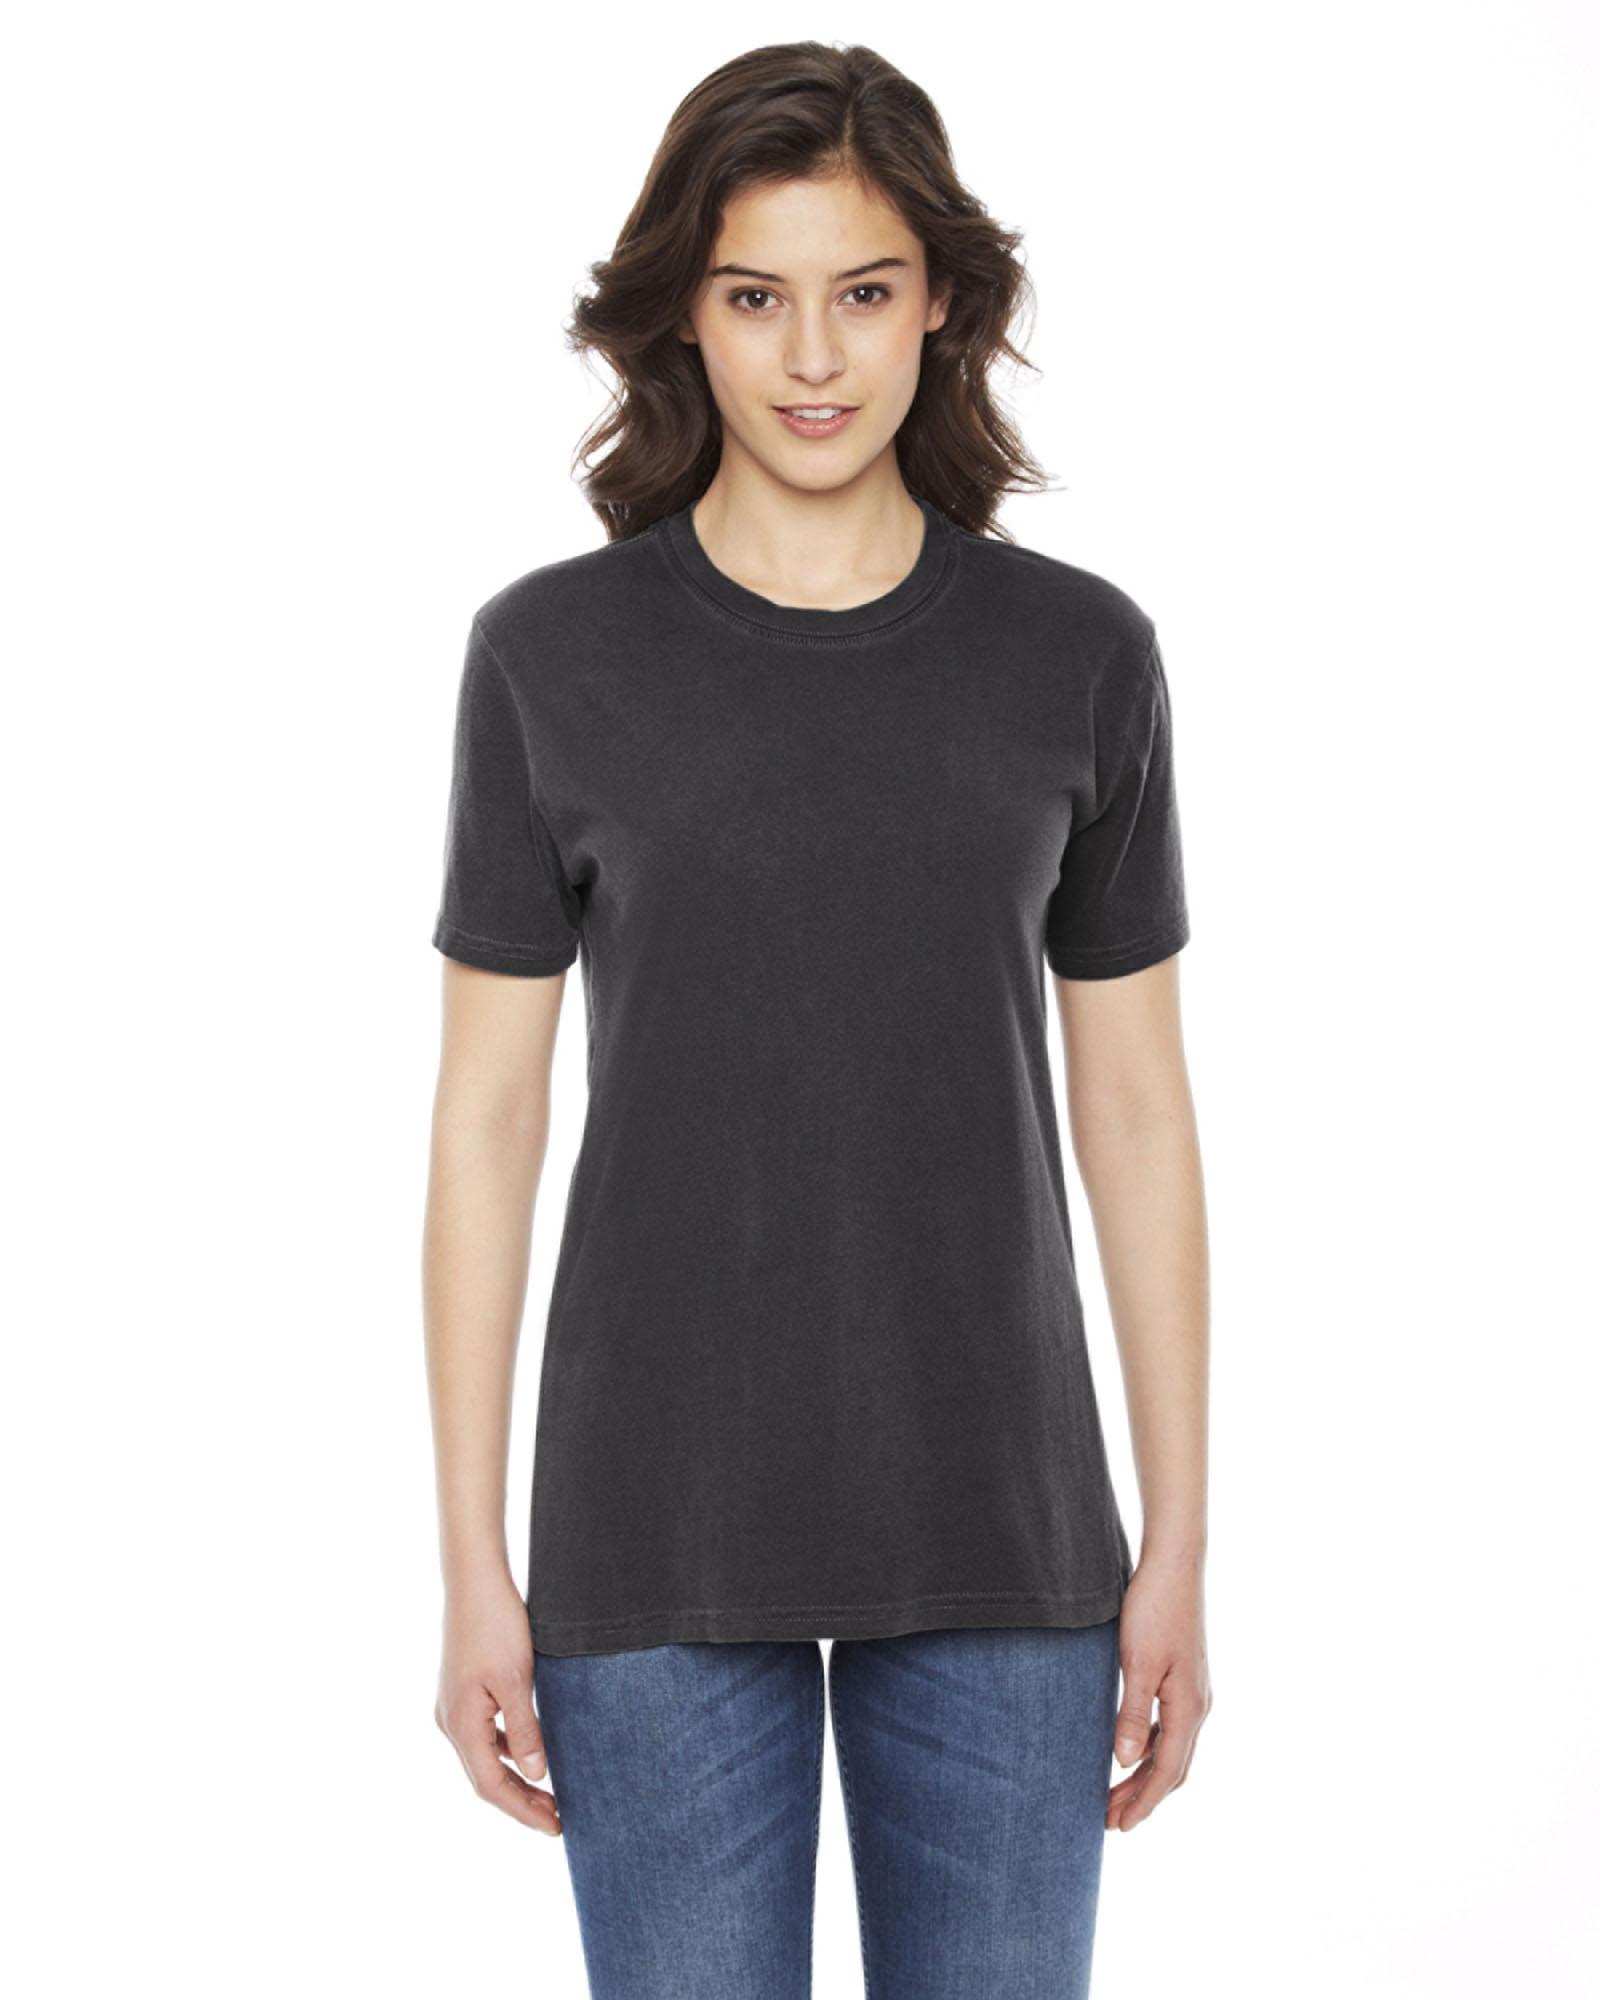 Authentic Pigment AP200W - Ladies' XtraFine T-Shirt